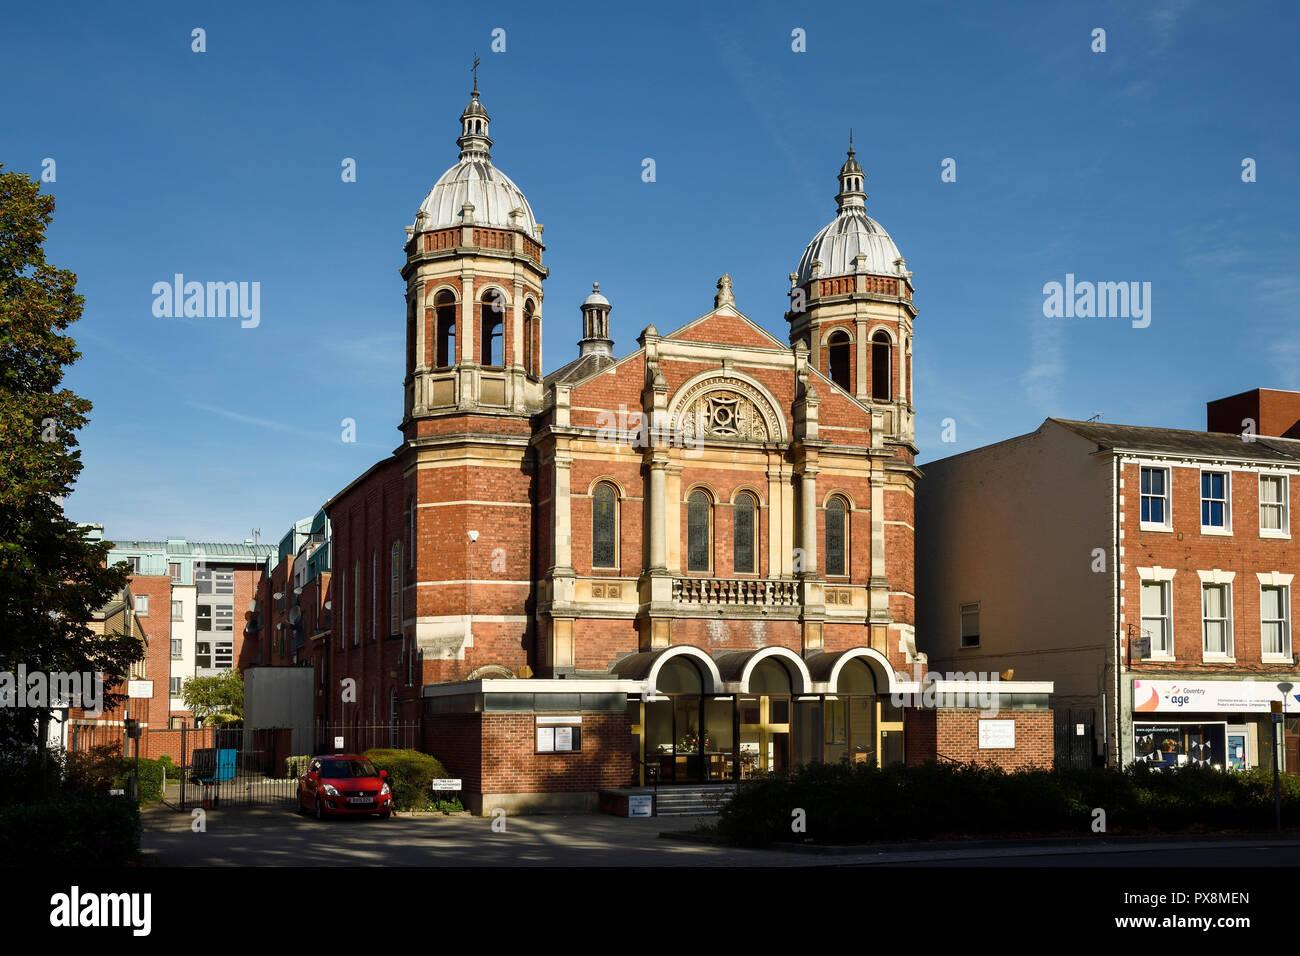 La fachada de las Naciones Iglesia Reformada en Warwick Road, en el centro de la ciudad de Coventry Reino Unido Foto de stock